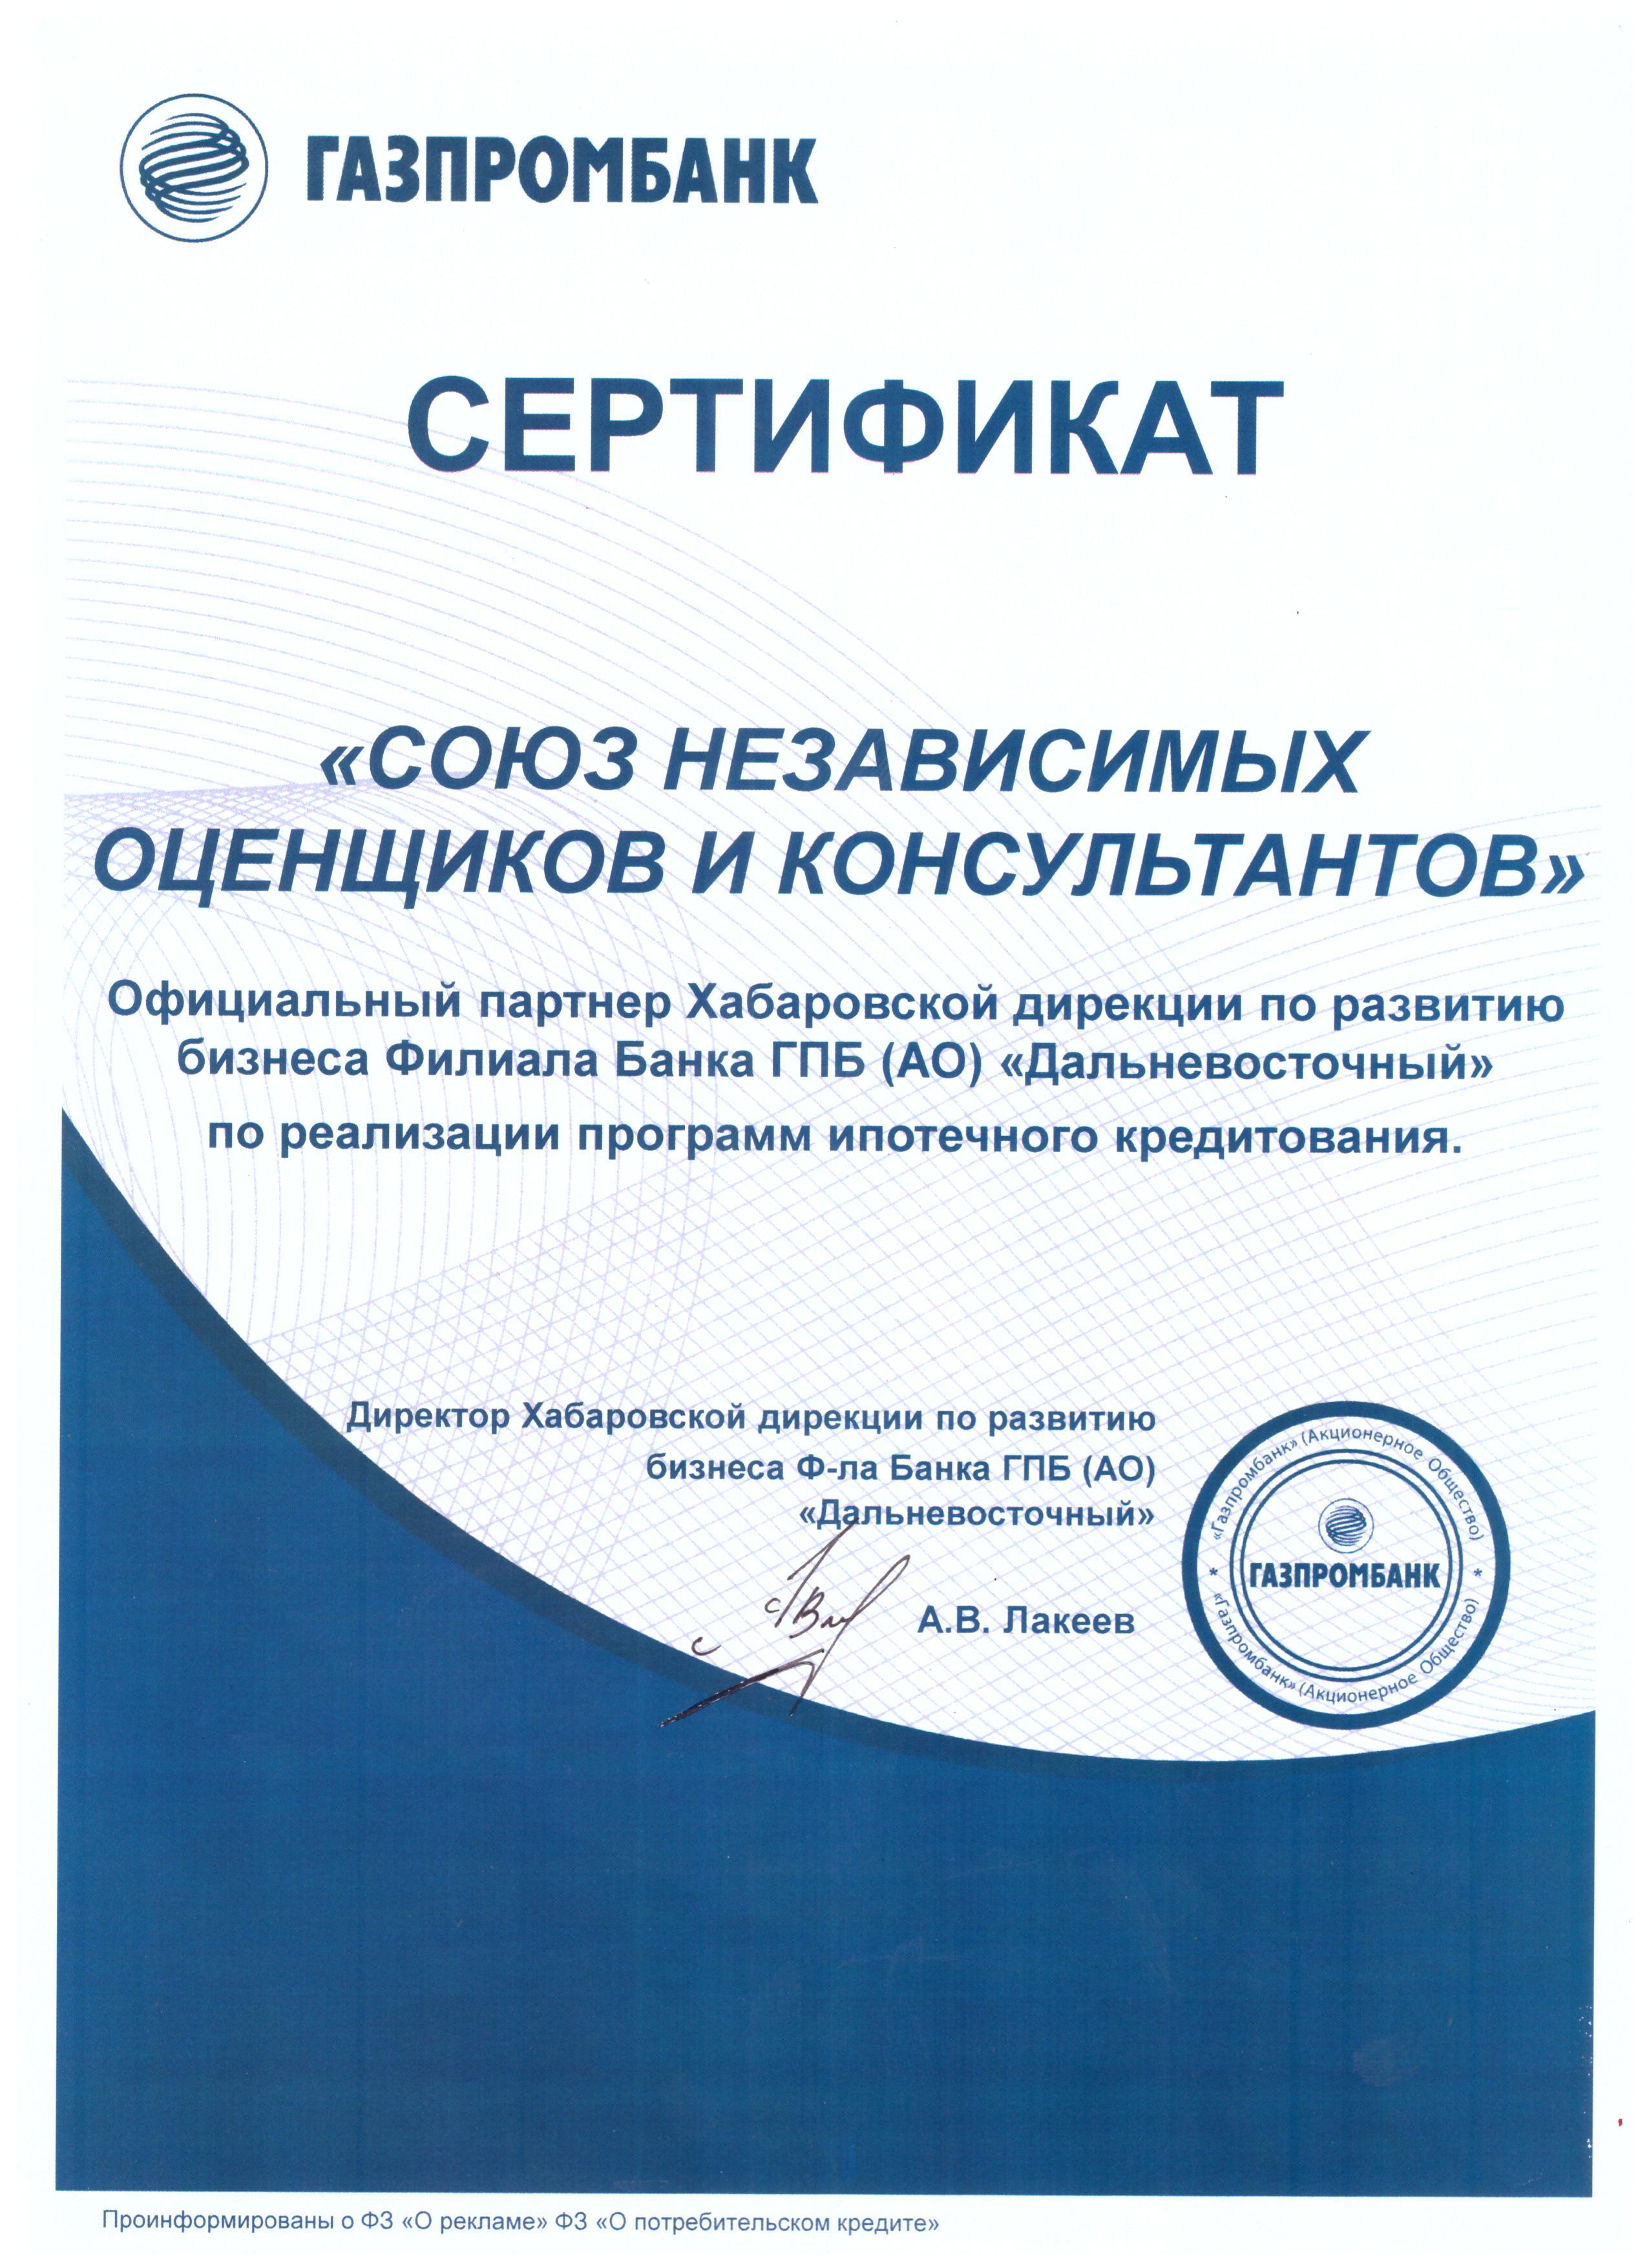 5b6c48e4b6dcb.jpg